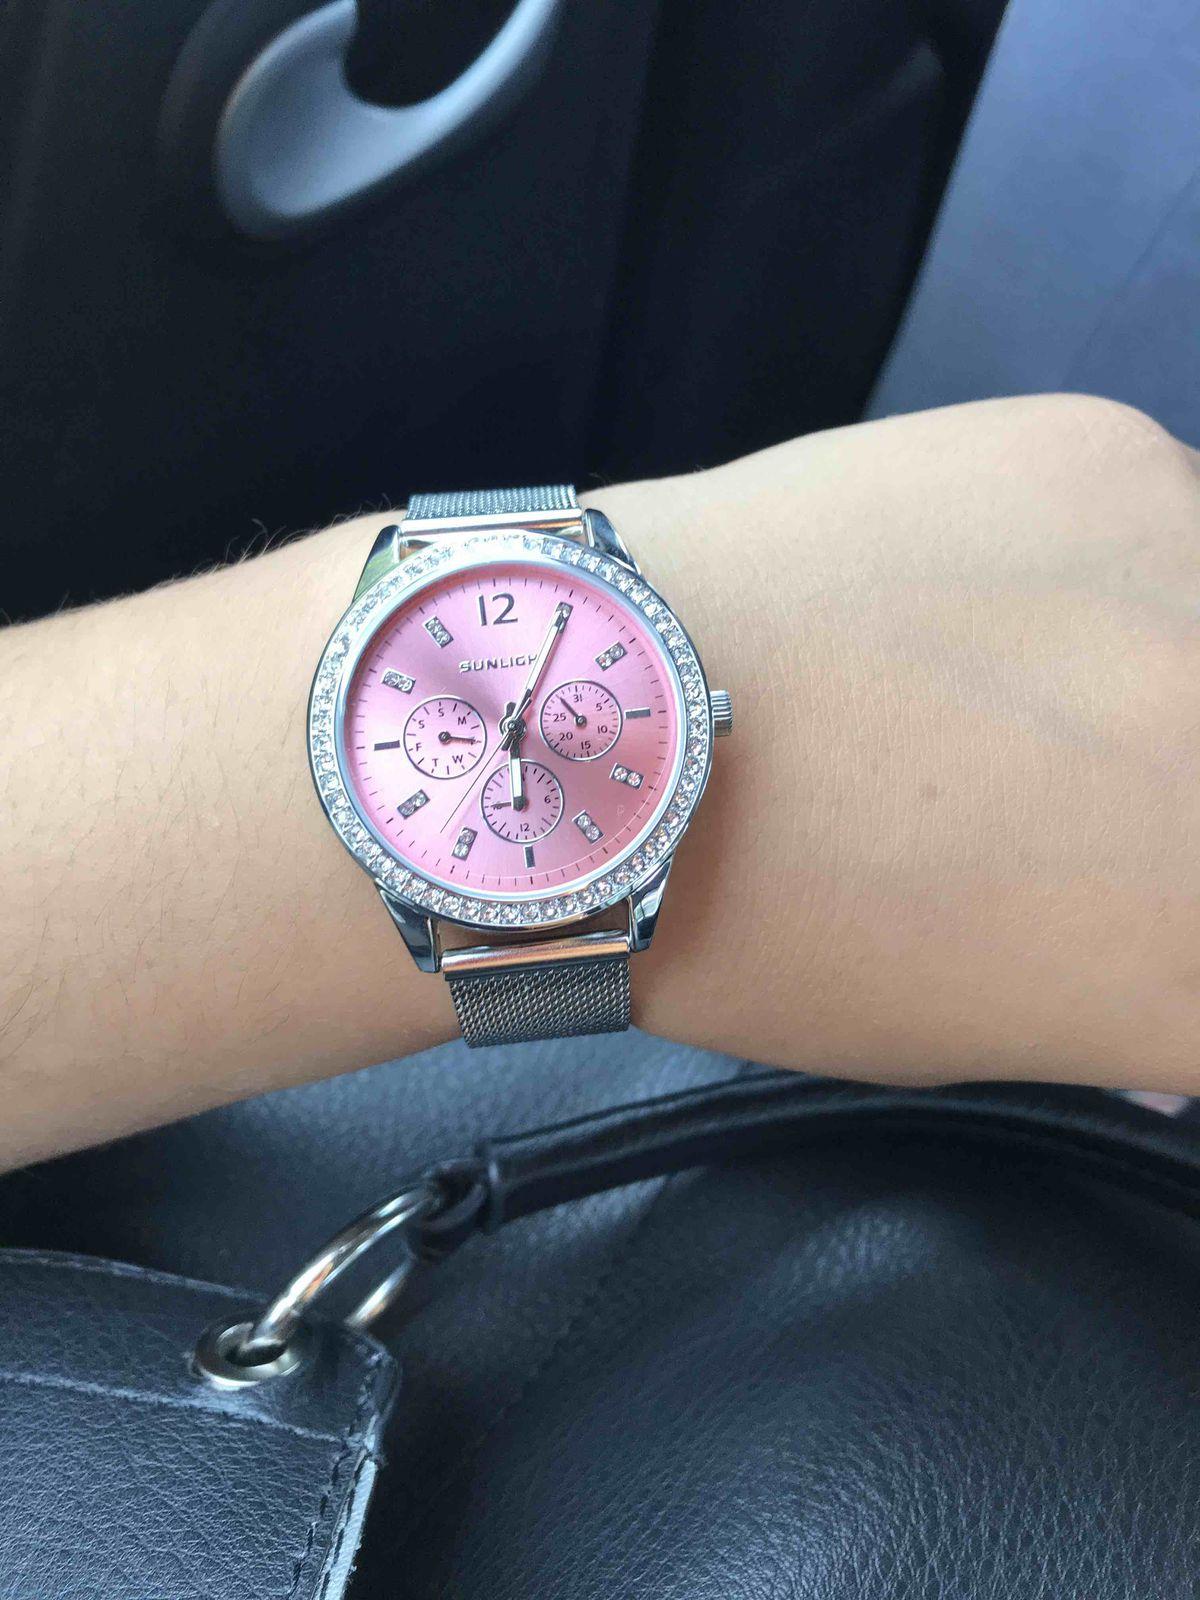 Очень красивые часы! Ничего лишнего:)